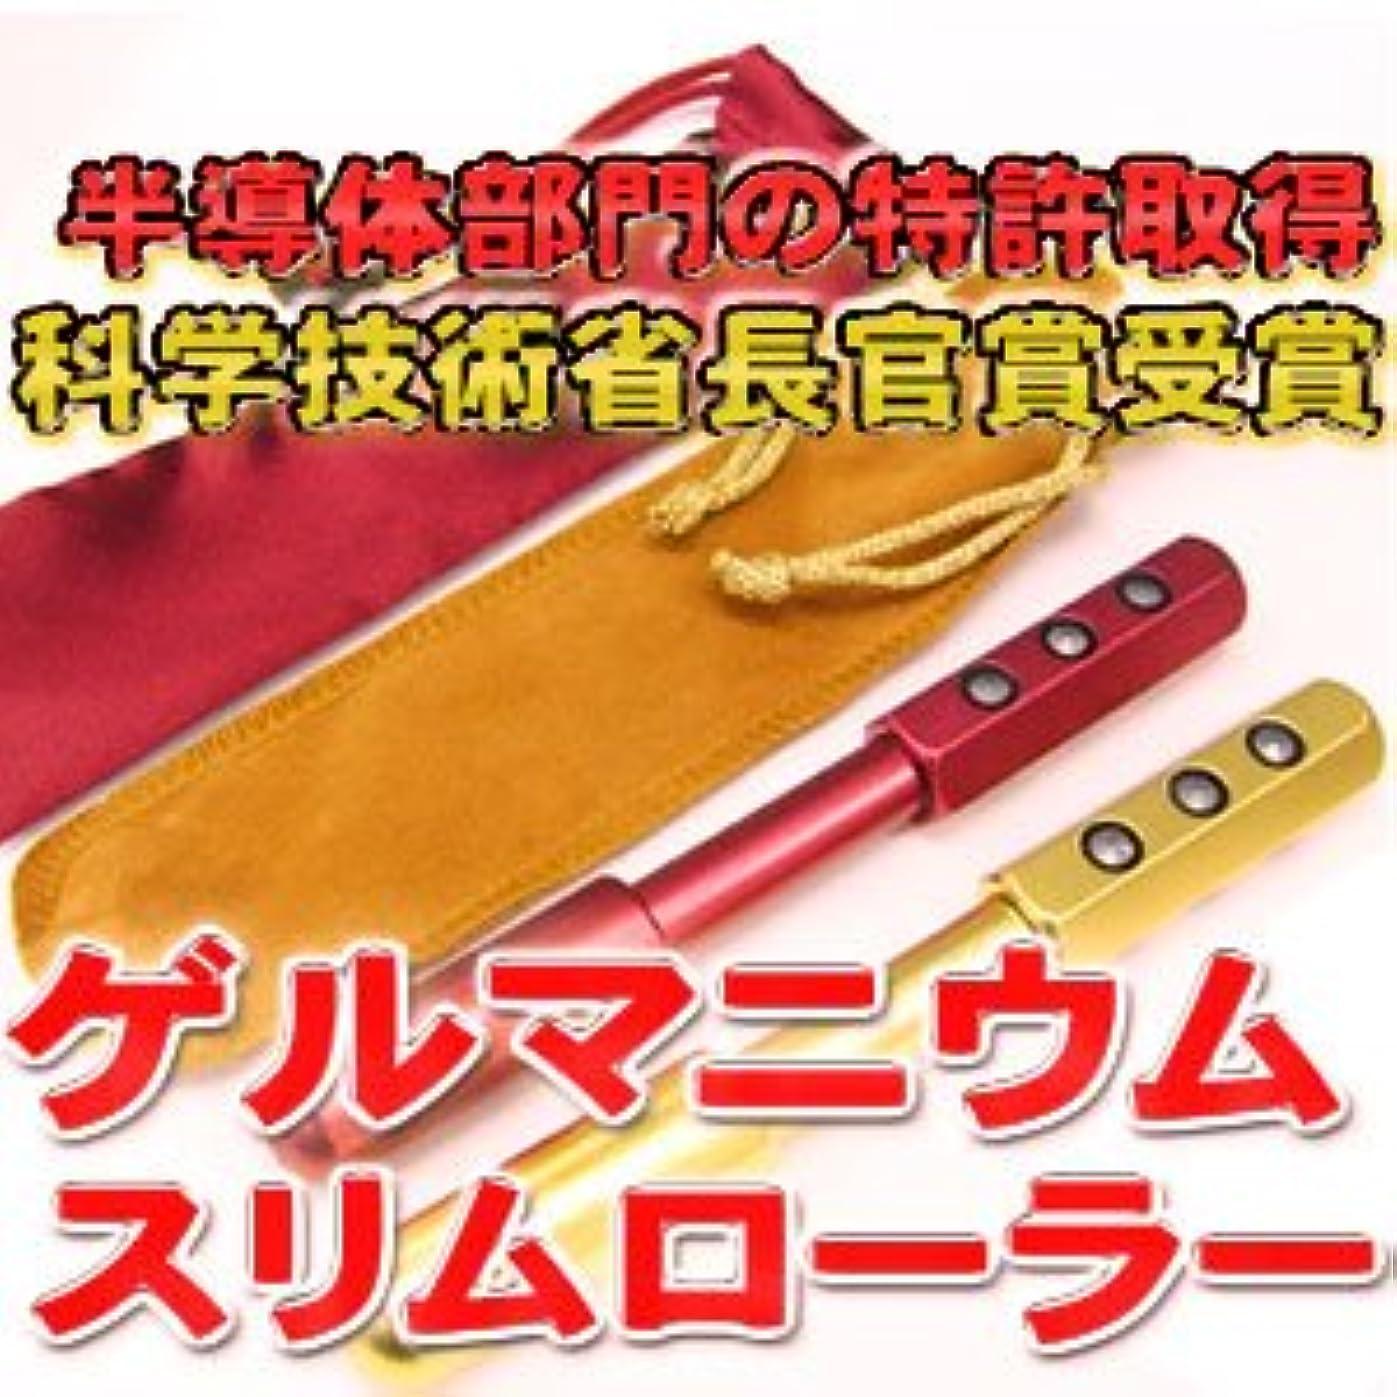 上級リスナー半導体ゲルマニウムスリムローラー (半導体ビューティーローラー)(フェイスバージョン) ピンク